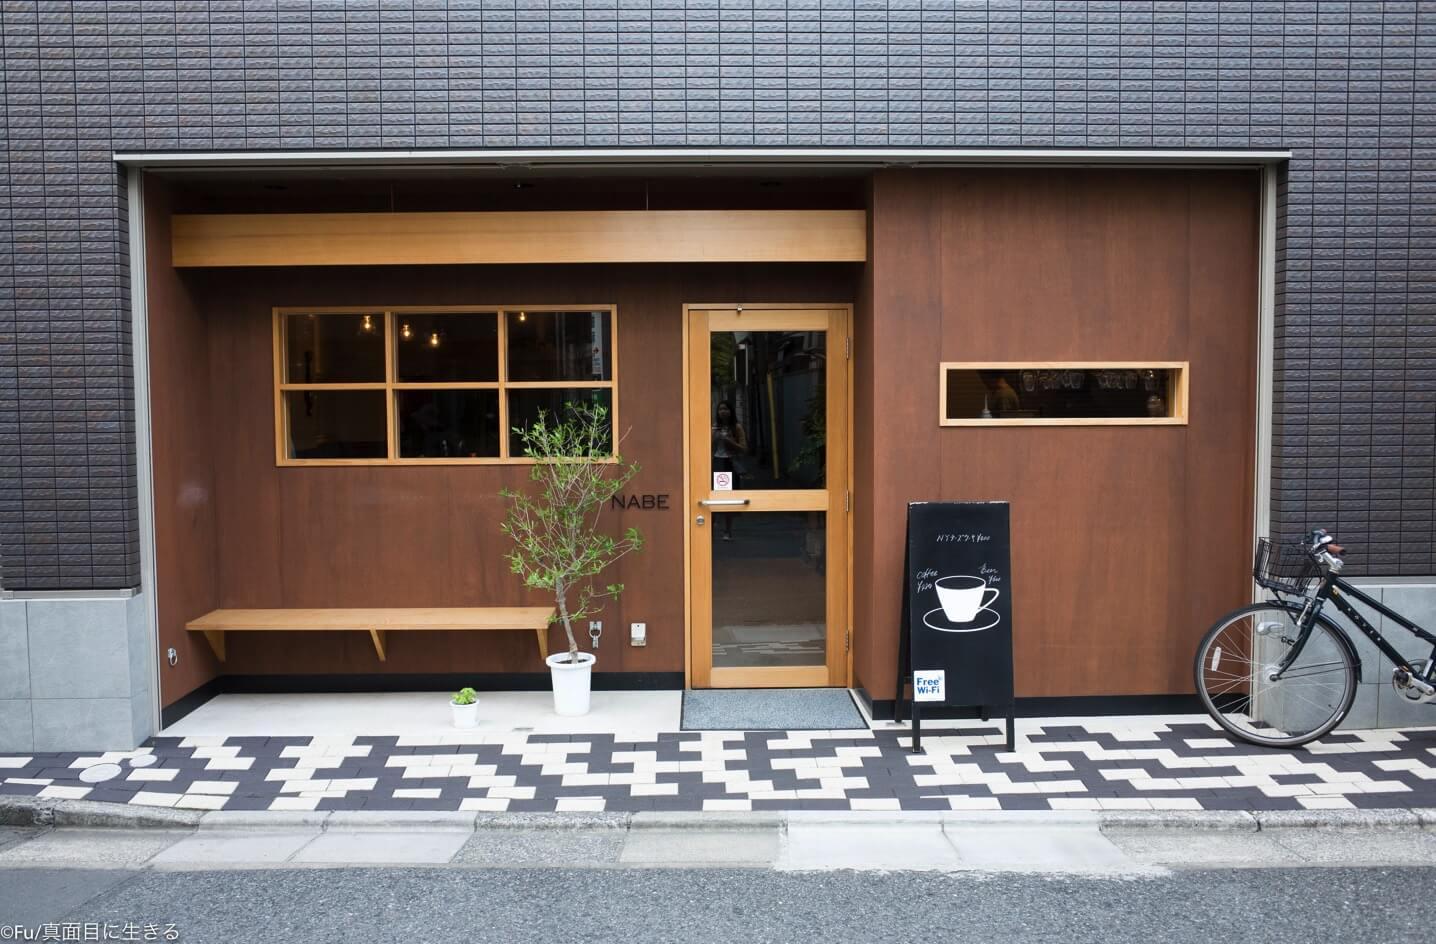 初台「Cafe NABE」クラシックが流れる喫茶店&バーは大人の時間が楽しめる。 Wi-Fi・コンセントあり